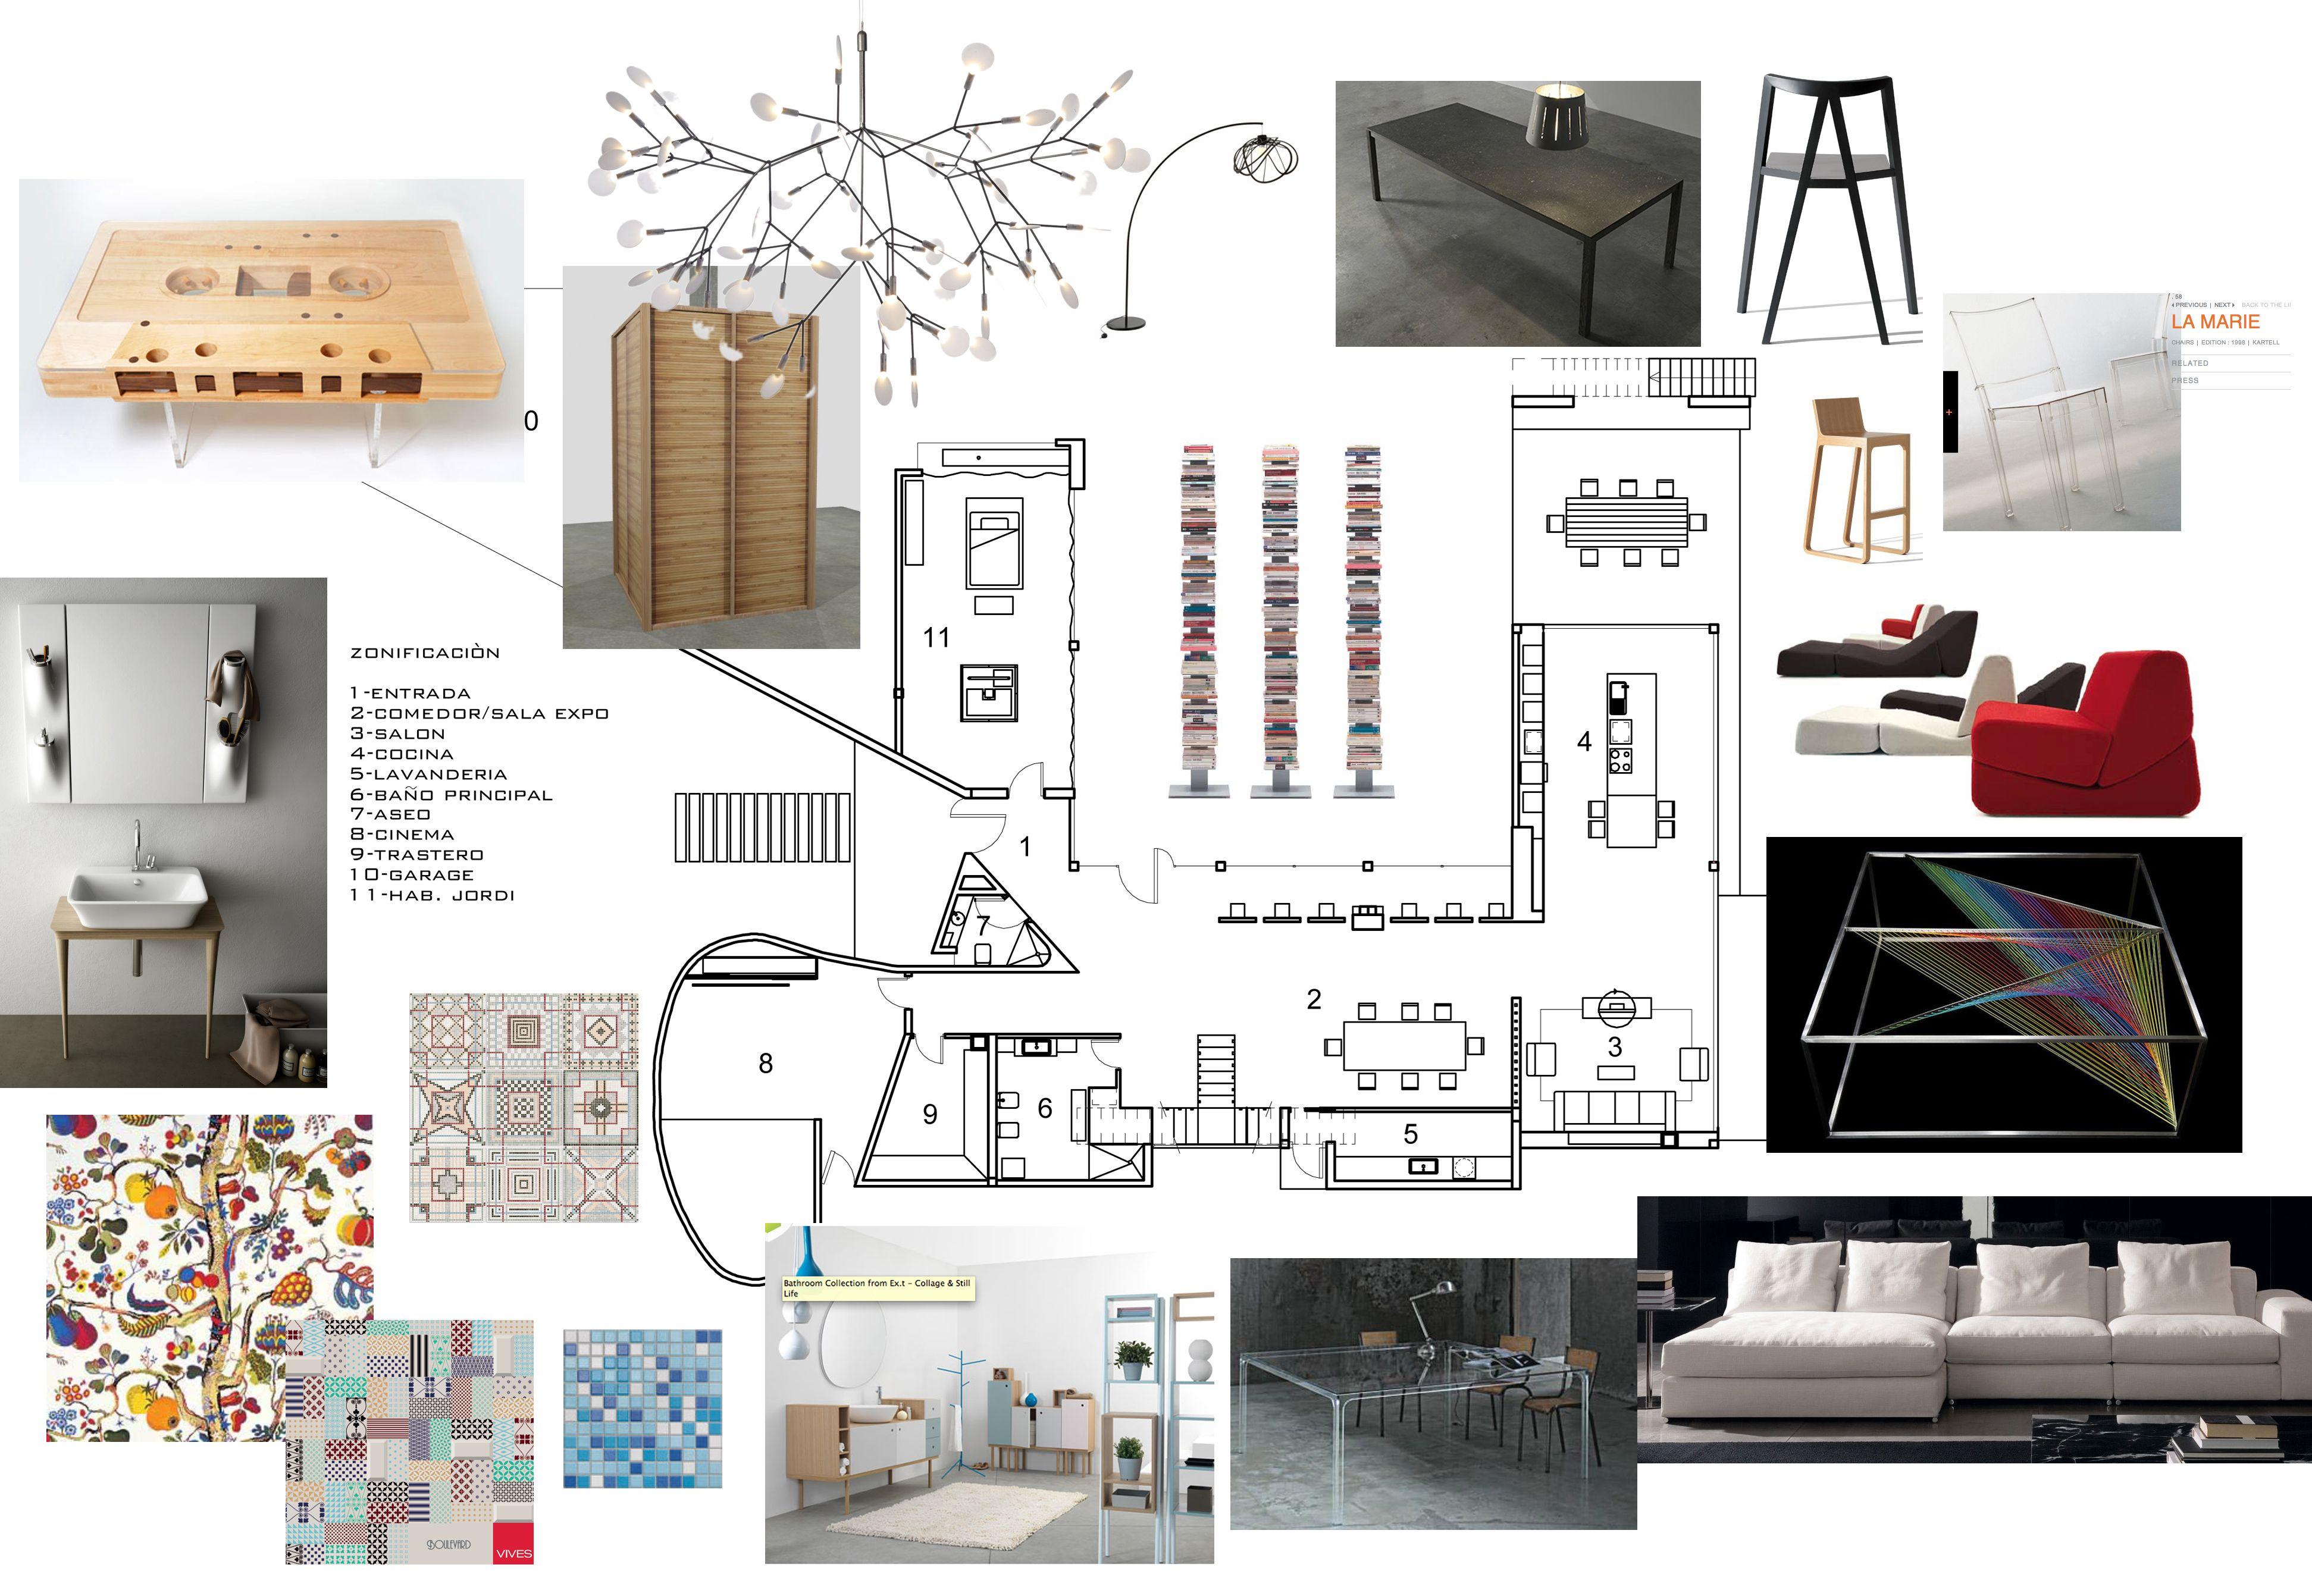 Selección De Mueble Planta De Distribución Interior Design Layout Layout Design Project Presentation